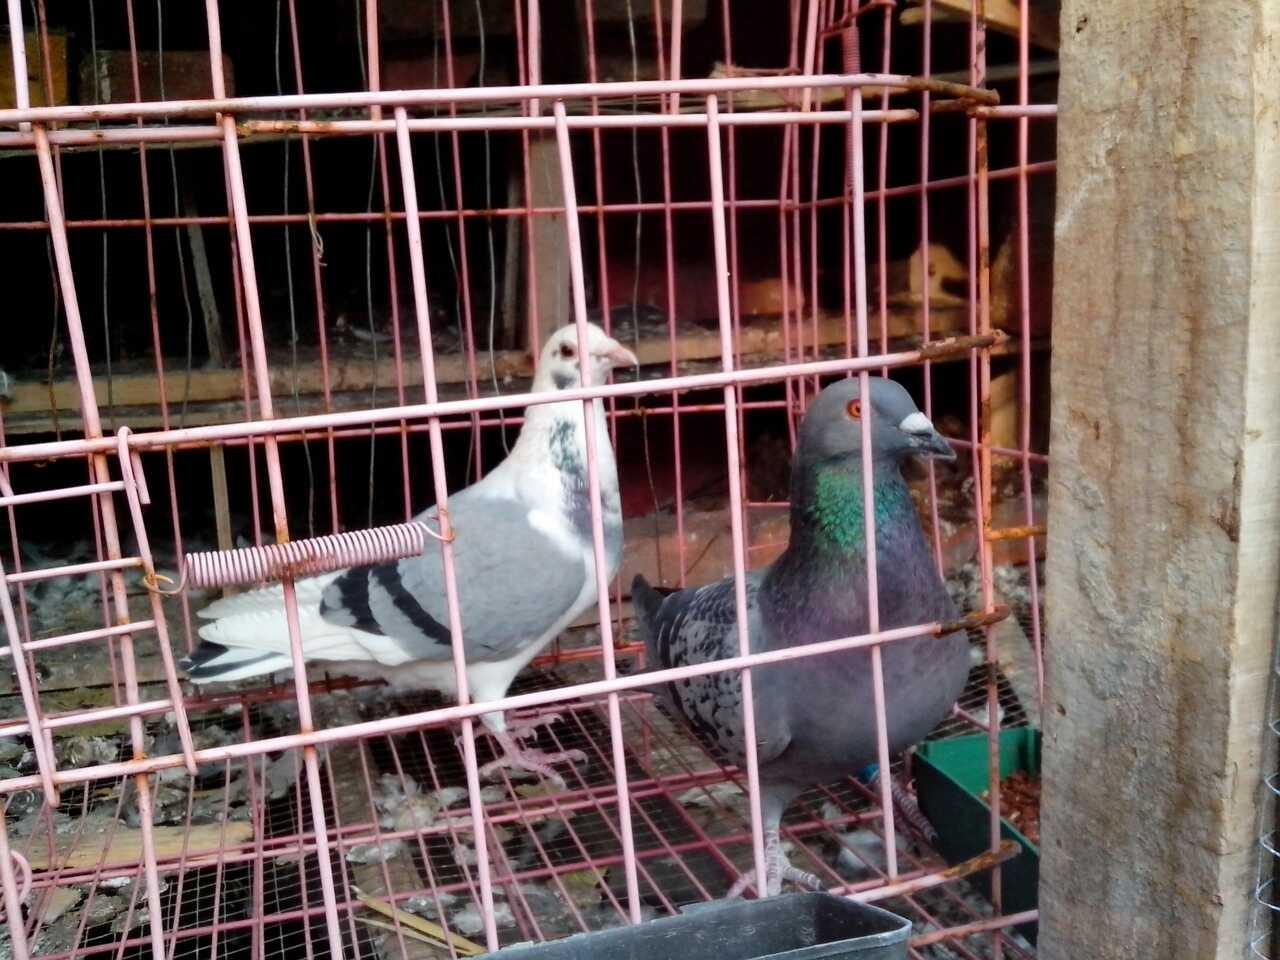 鸽子分辨公母看哪 鸽子图片分辨公母 鸽子公母怎么分辨视频图片